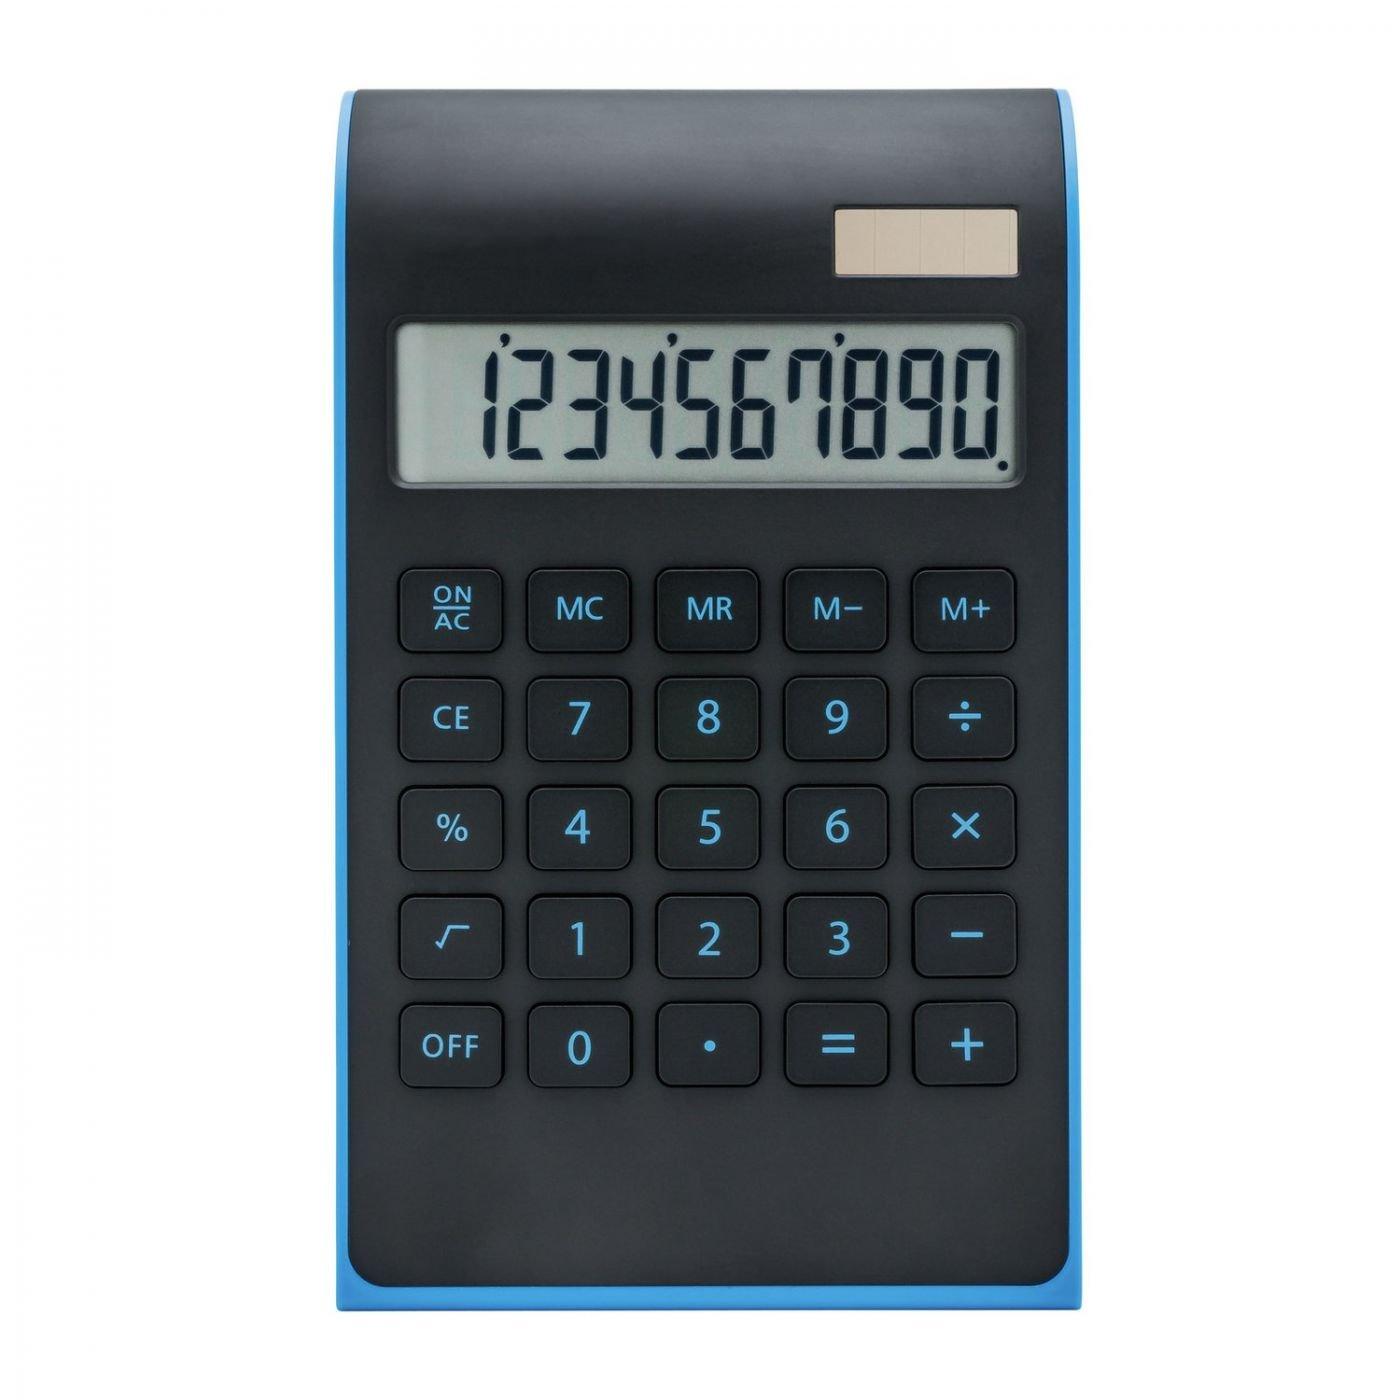 Taschenrechner REFLECTS-VALINDA BLACK LIGHT BLUE Farbe rot schwarz